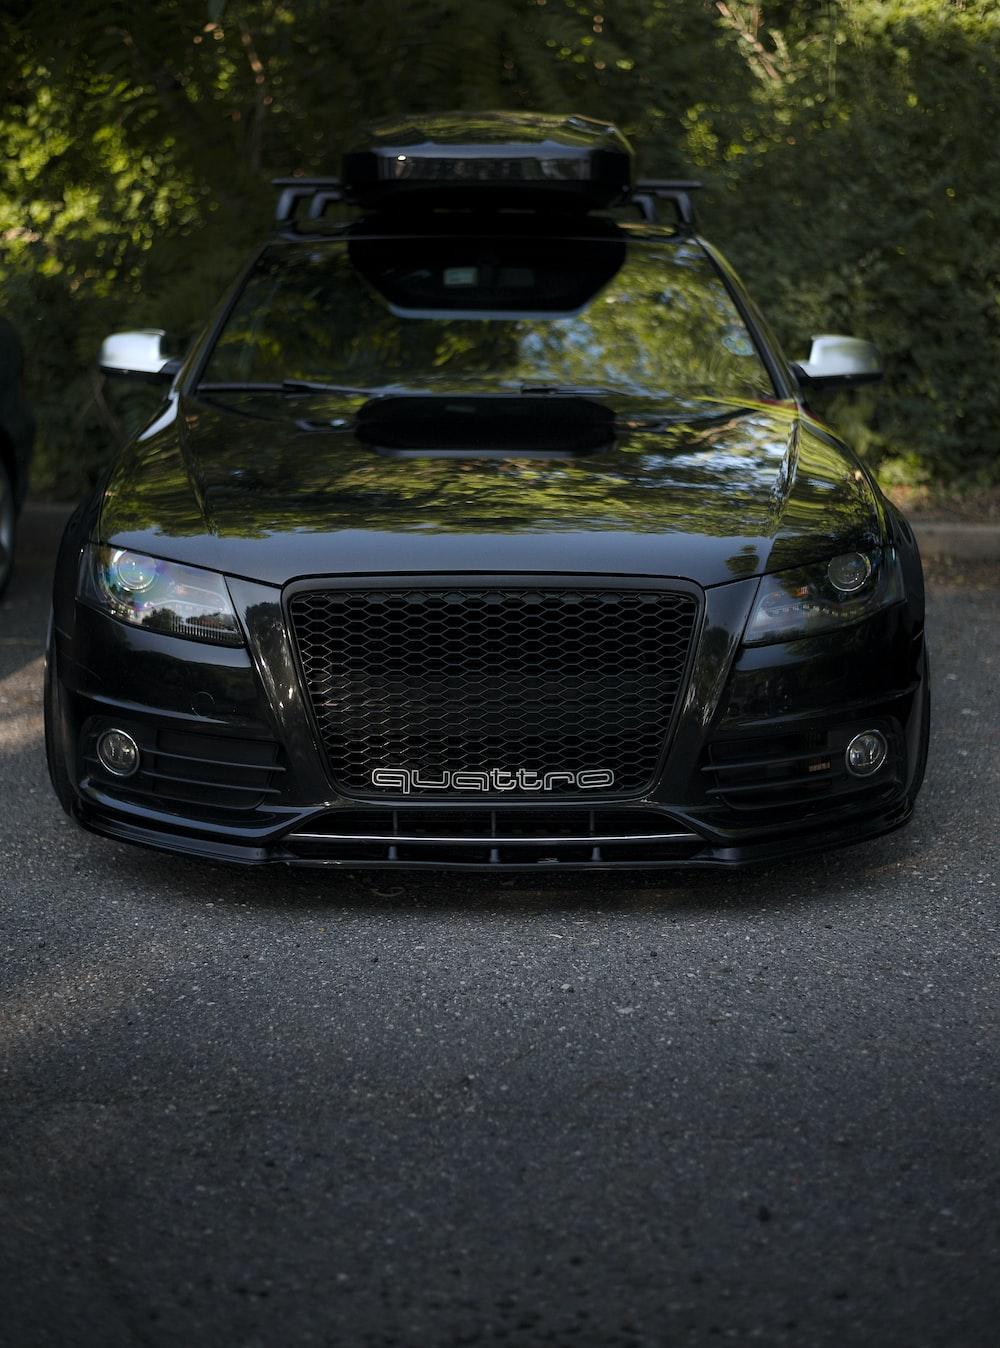 black Quattre car